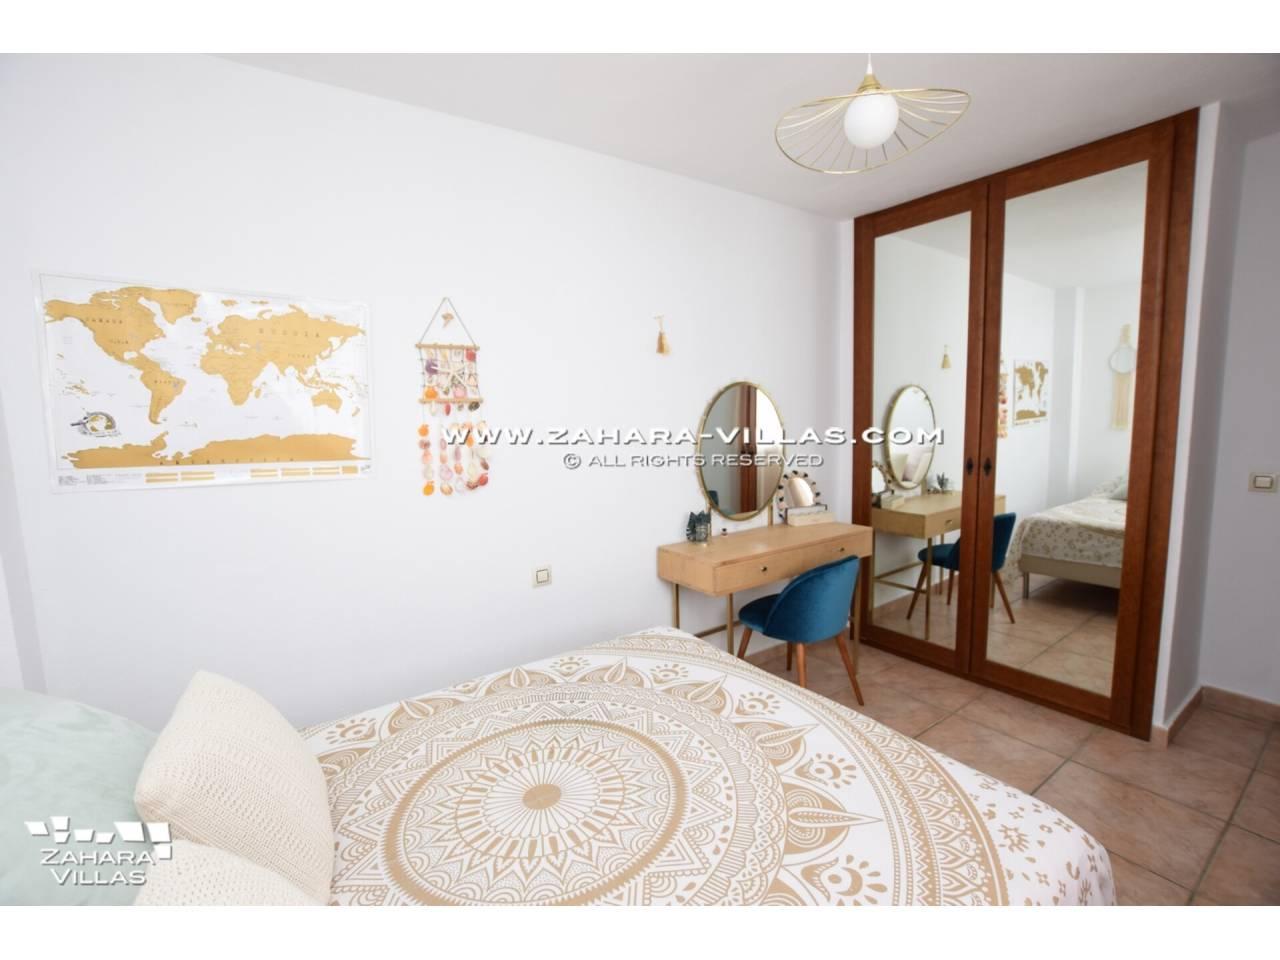 Imagen 27 de Casa Adosada con vistas al mar en venta en Urb. Jardines de Zahara